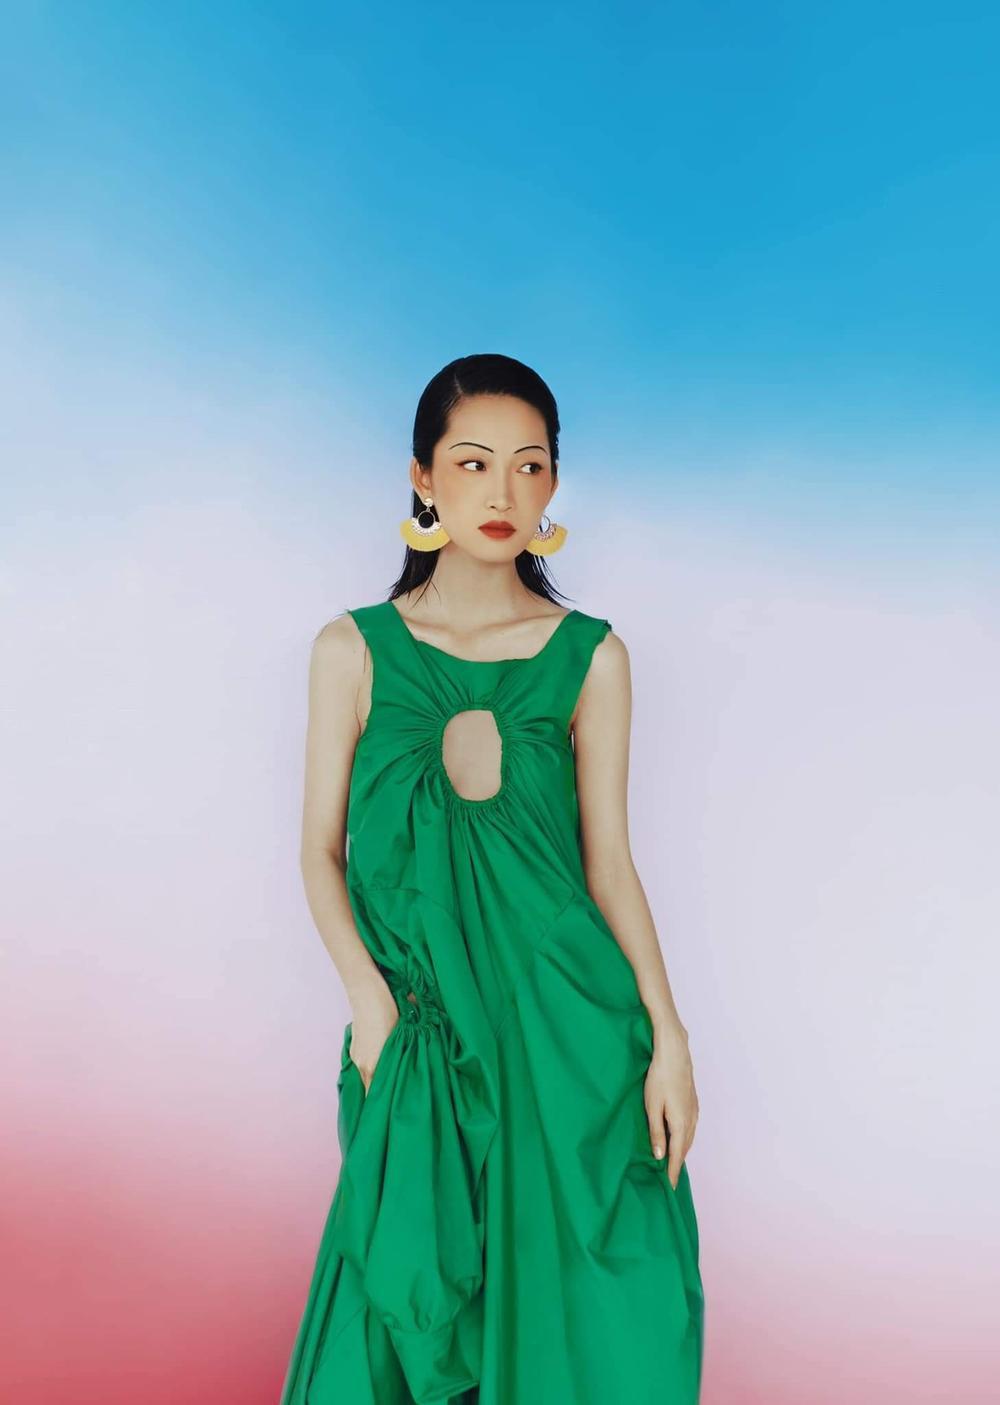 Juky San hoá nàng thơ tao nhã, đẹp thoát tục mơ màng giữa tiết Xuân Ảnh 1